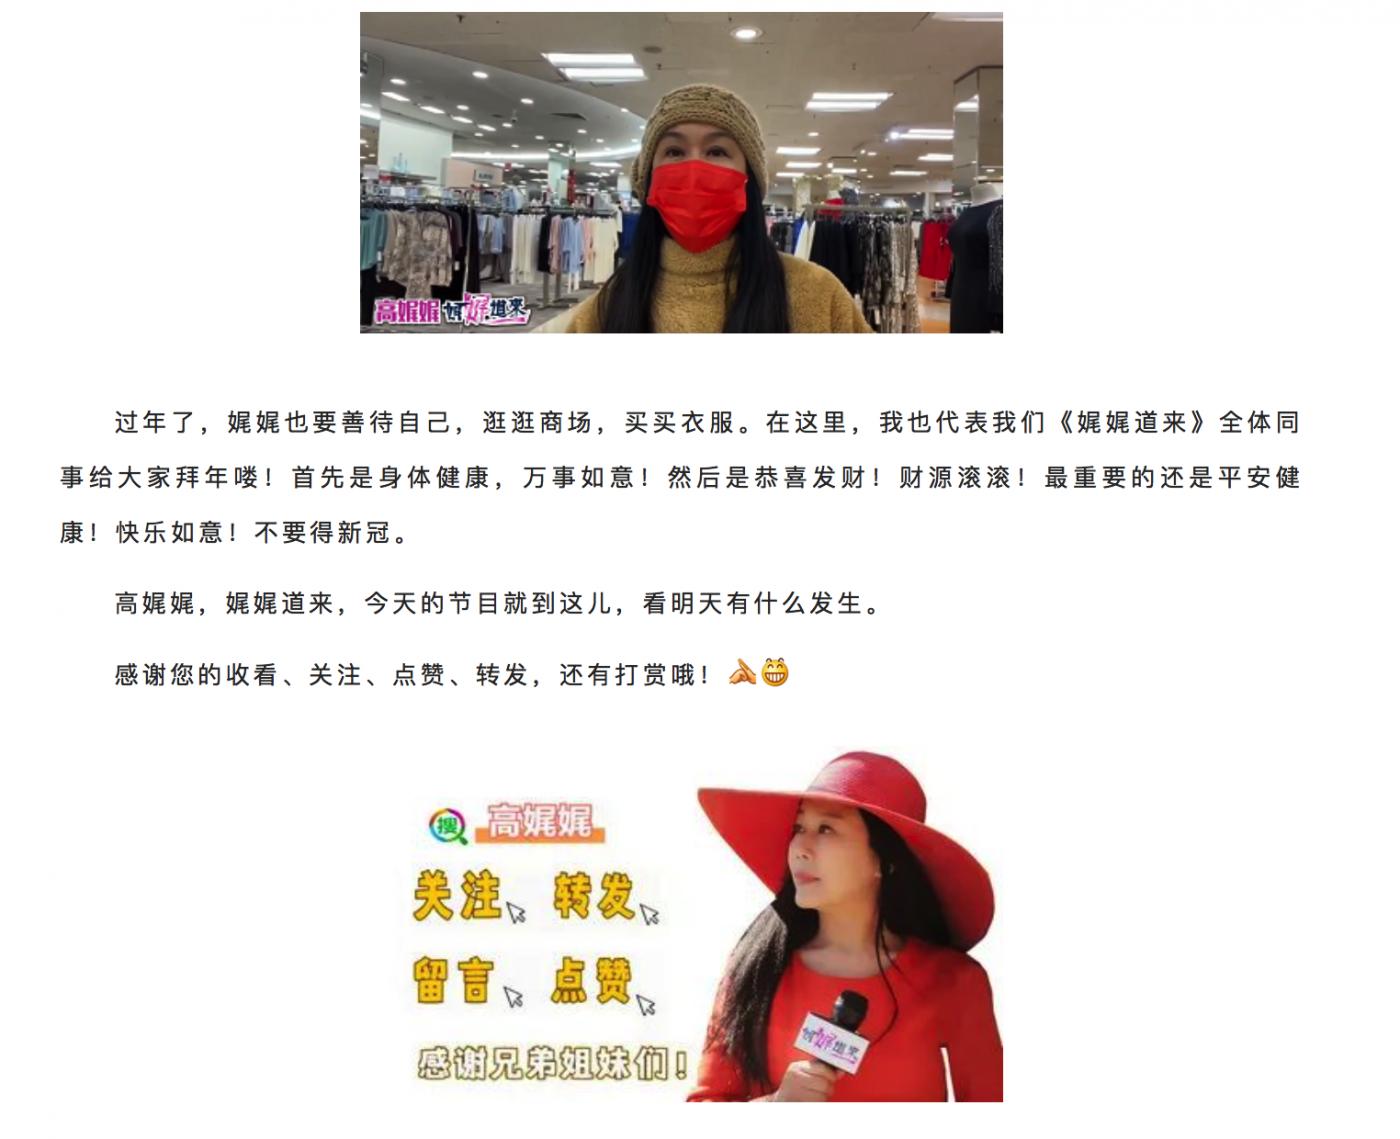 高娓娓:美国人对春节的蜜汁迷惑:中国人太财迷?新年为啥要恭喜发财?关于春节老美都 ..._图1-13